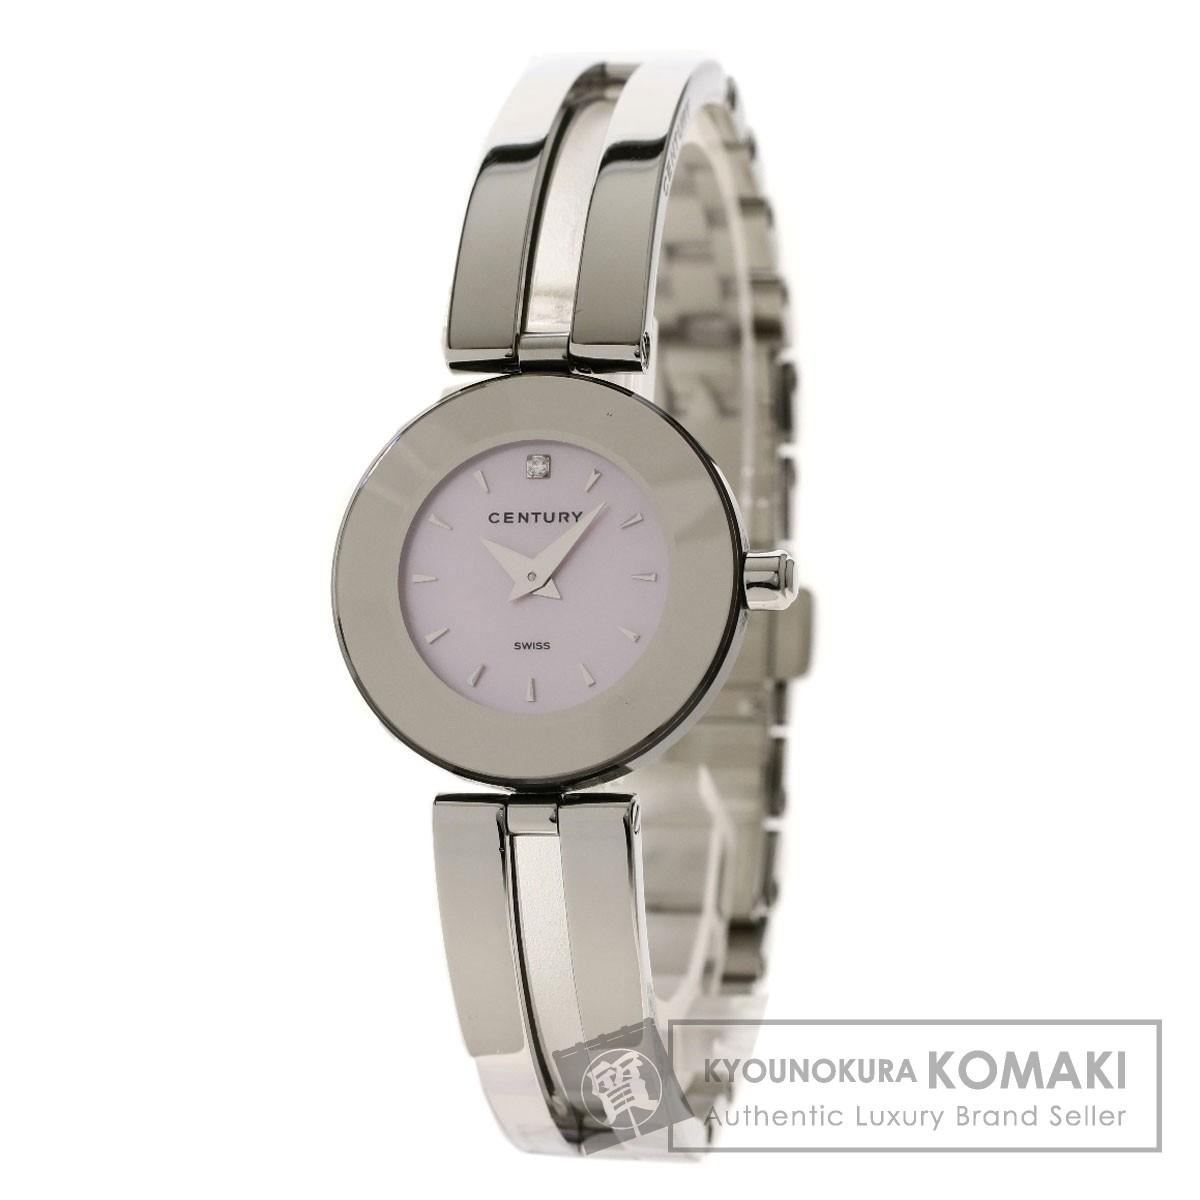 センチュリー 1Pダイヤモンド 腕時計 ステンレススチール/SS レディース 【中古】【CENTURY】